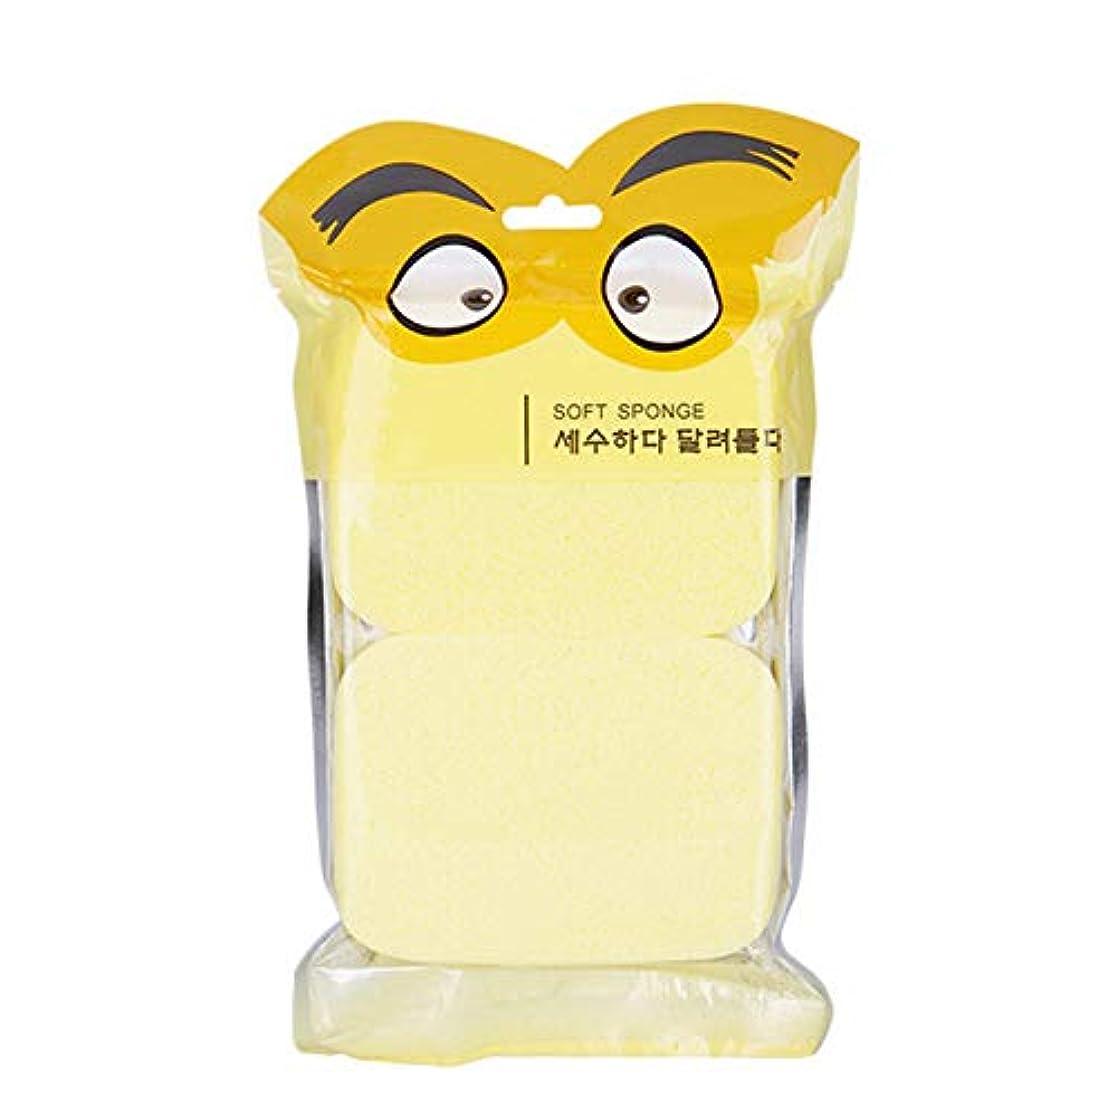 ベリ電気的最少DOMO 洗顔パフ ナチュラルで柔らかい ディープクリーニング 補助 角栓?角質 お肌すっきり パフ